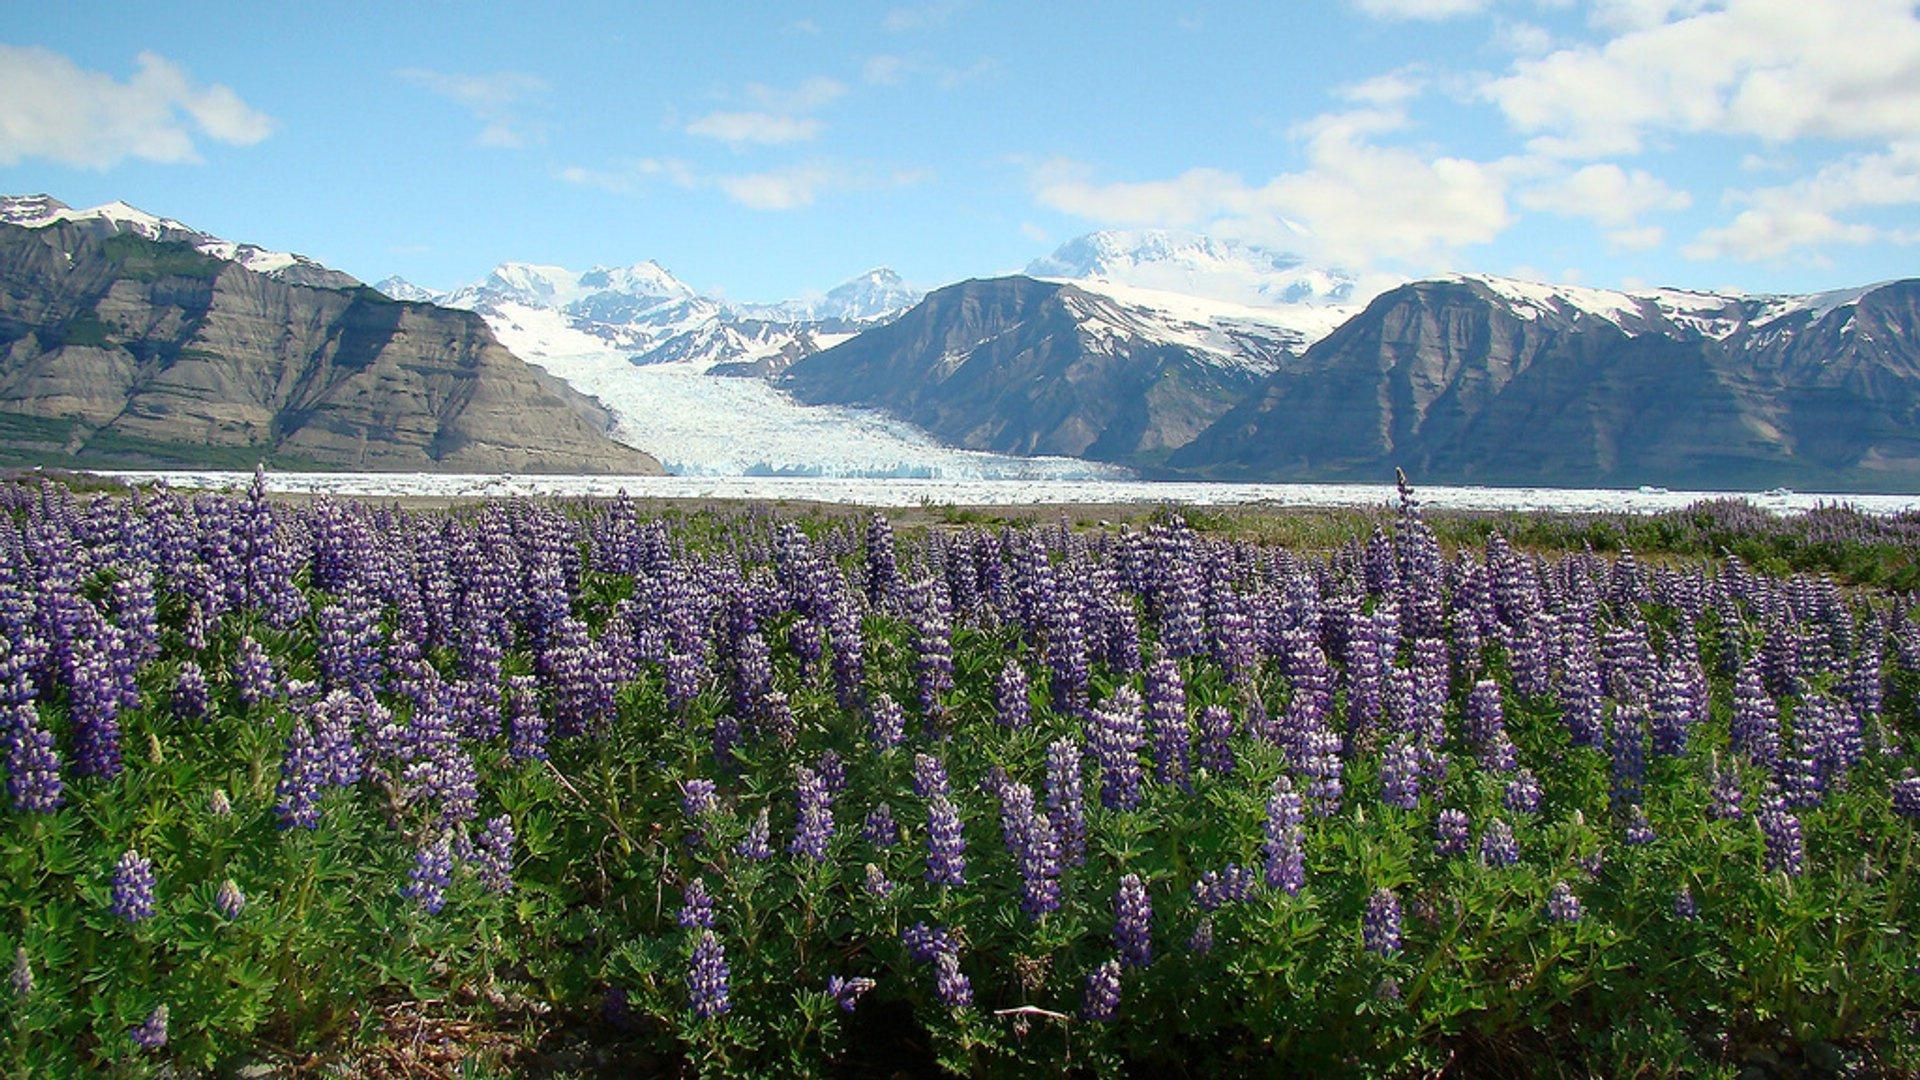 Lupine Fields in Bloom in Alaska 2019 - Best Time